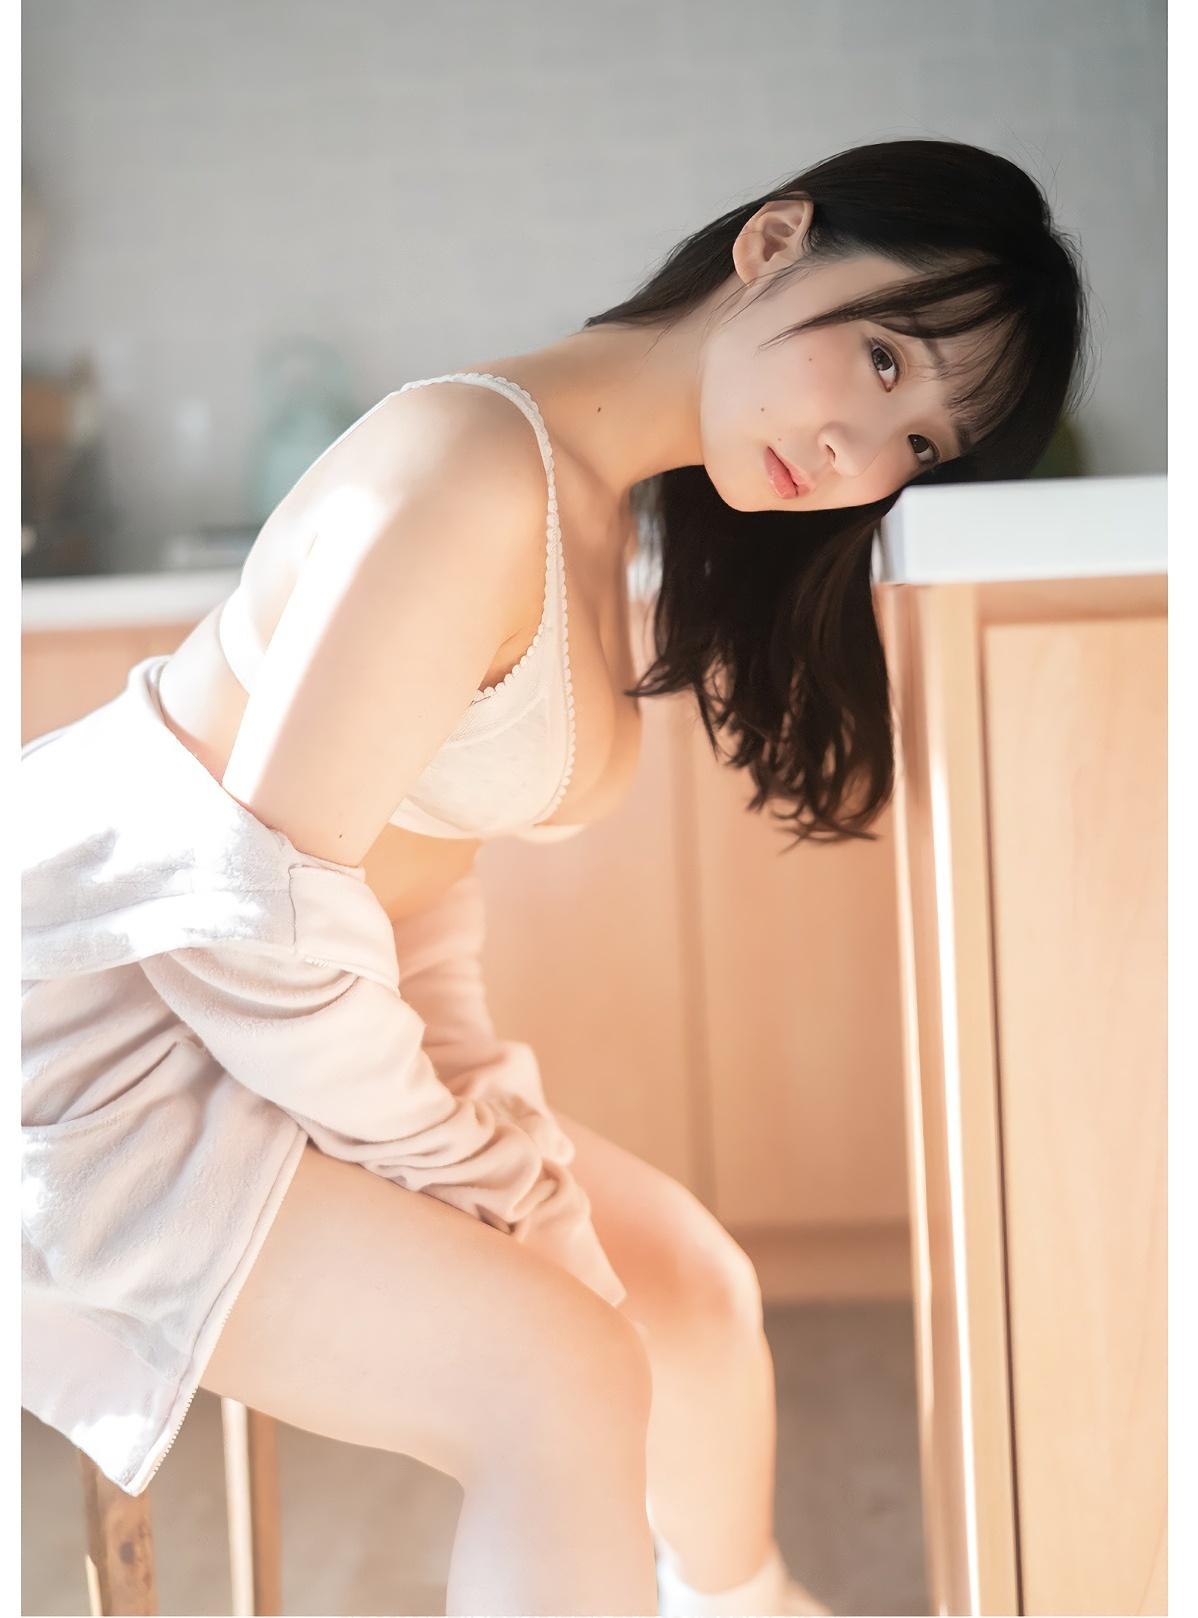 伊织萌 MangaAction